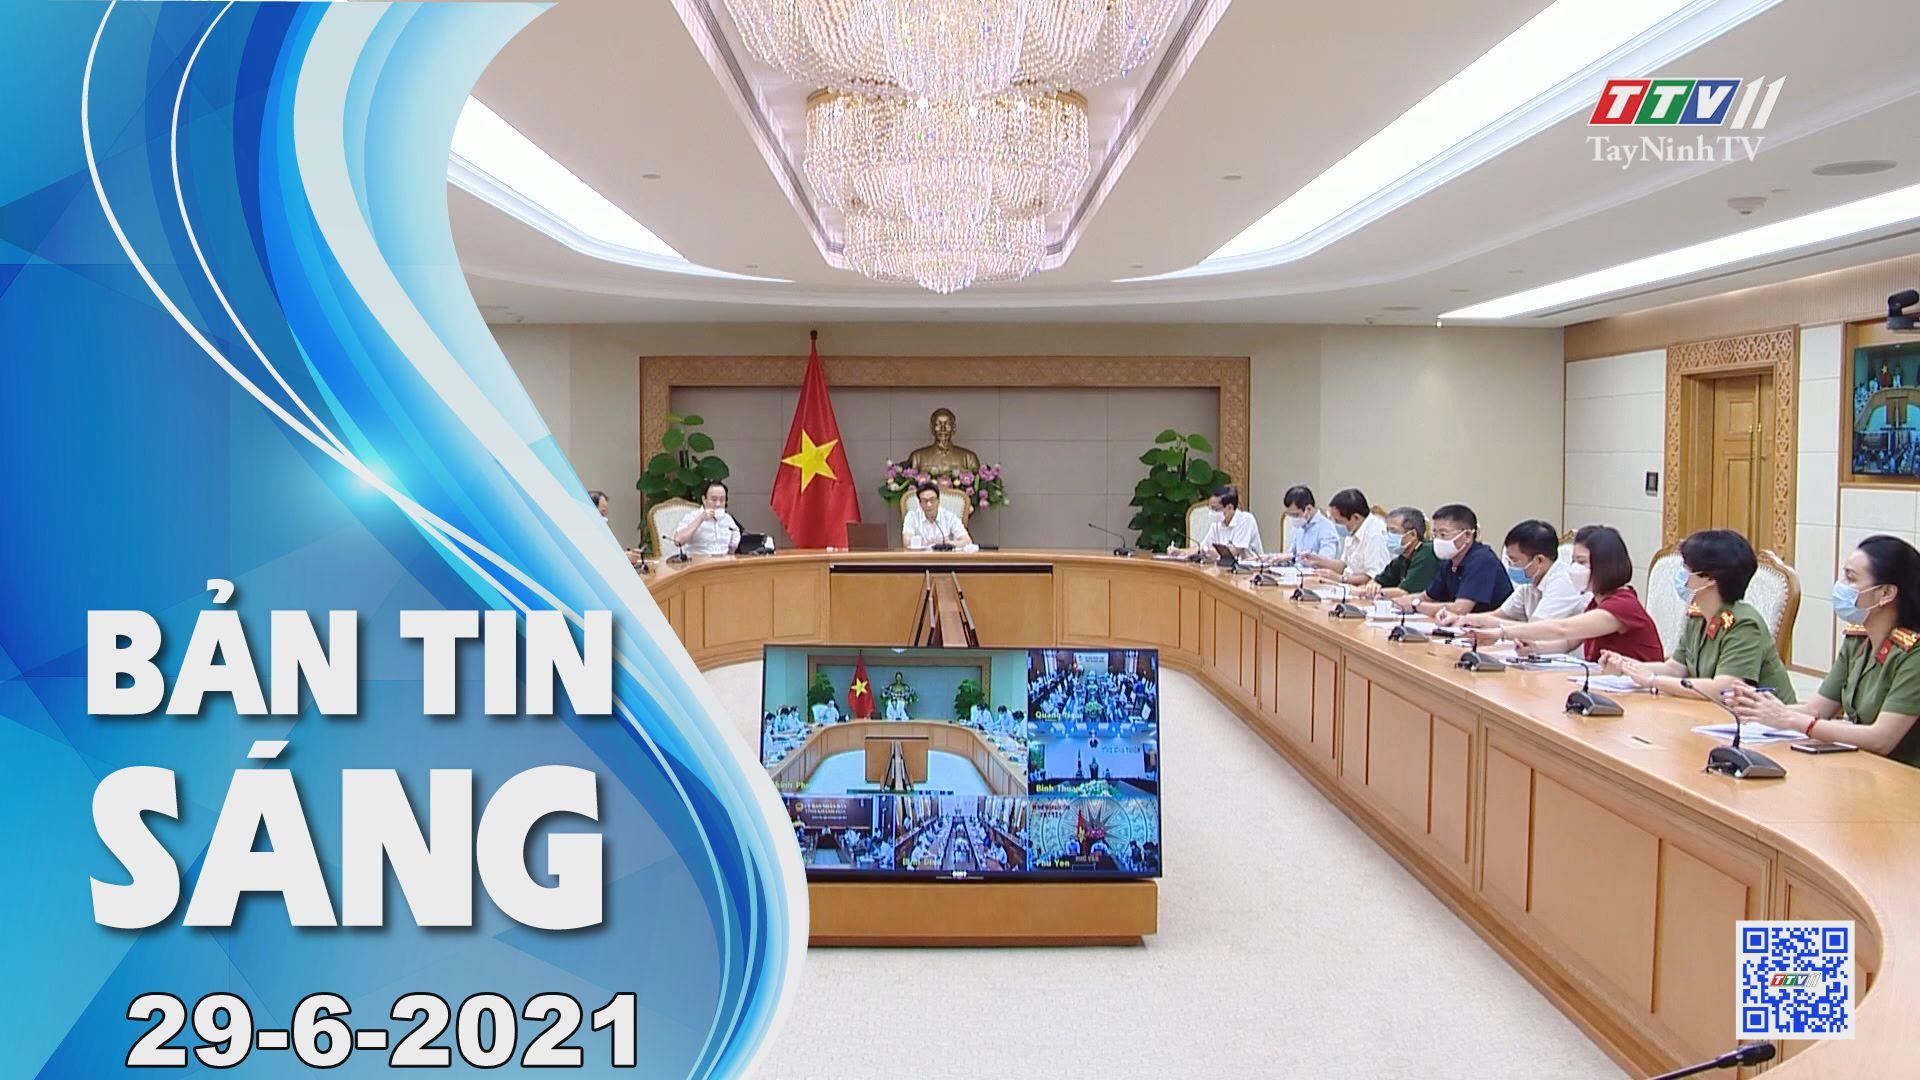 Bản tin sáng 29-6-2021 | Tin tức hôm nay | TayNinhTV